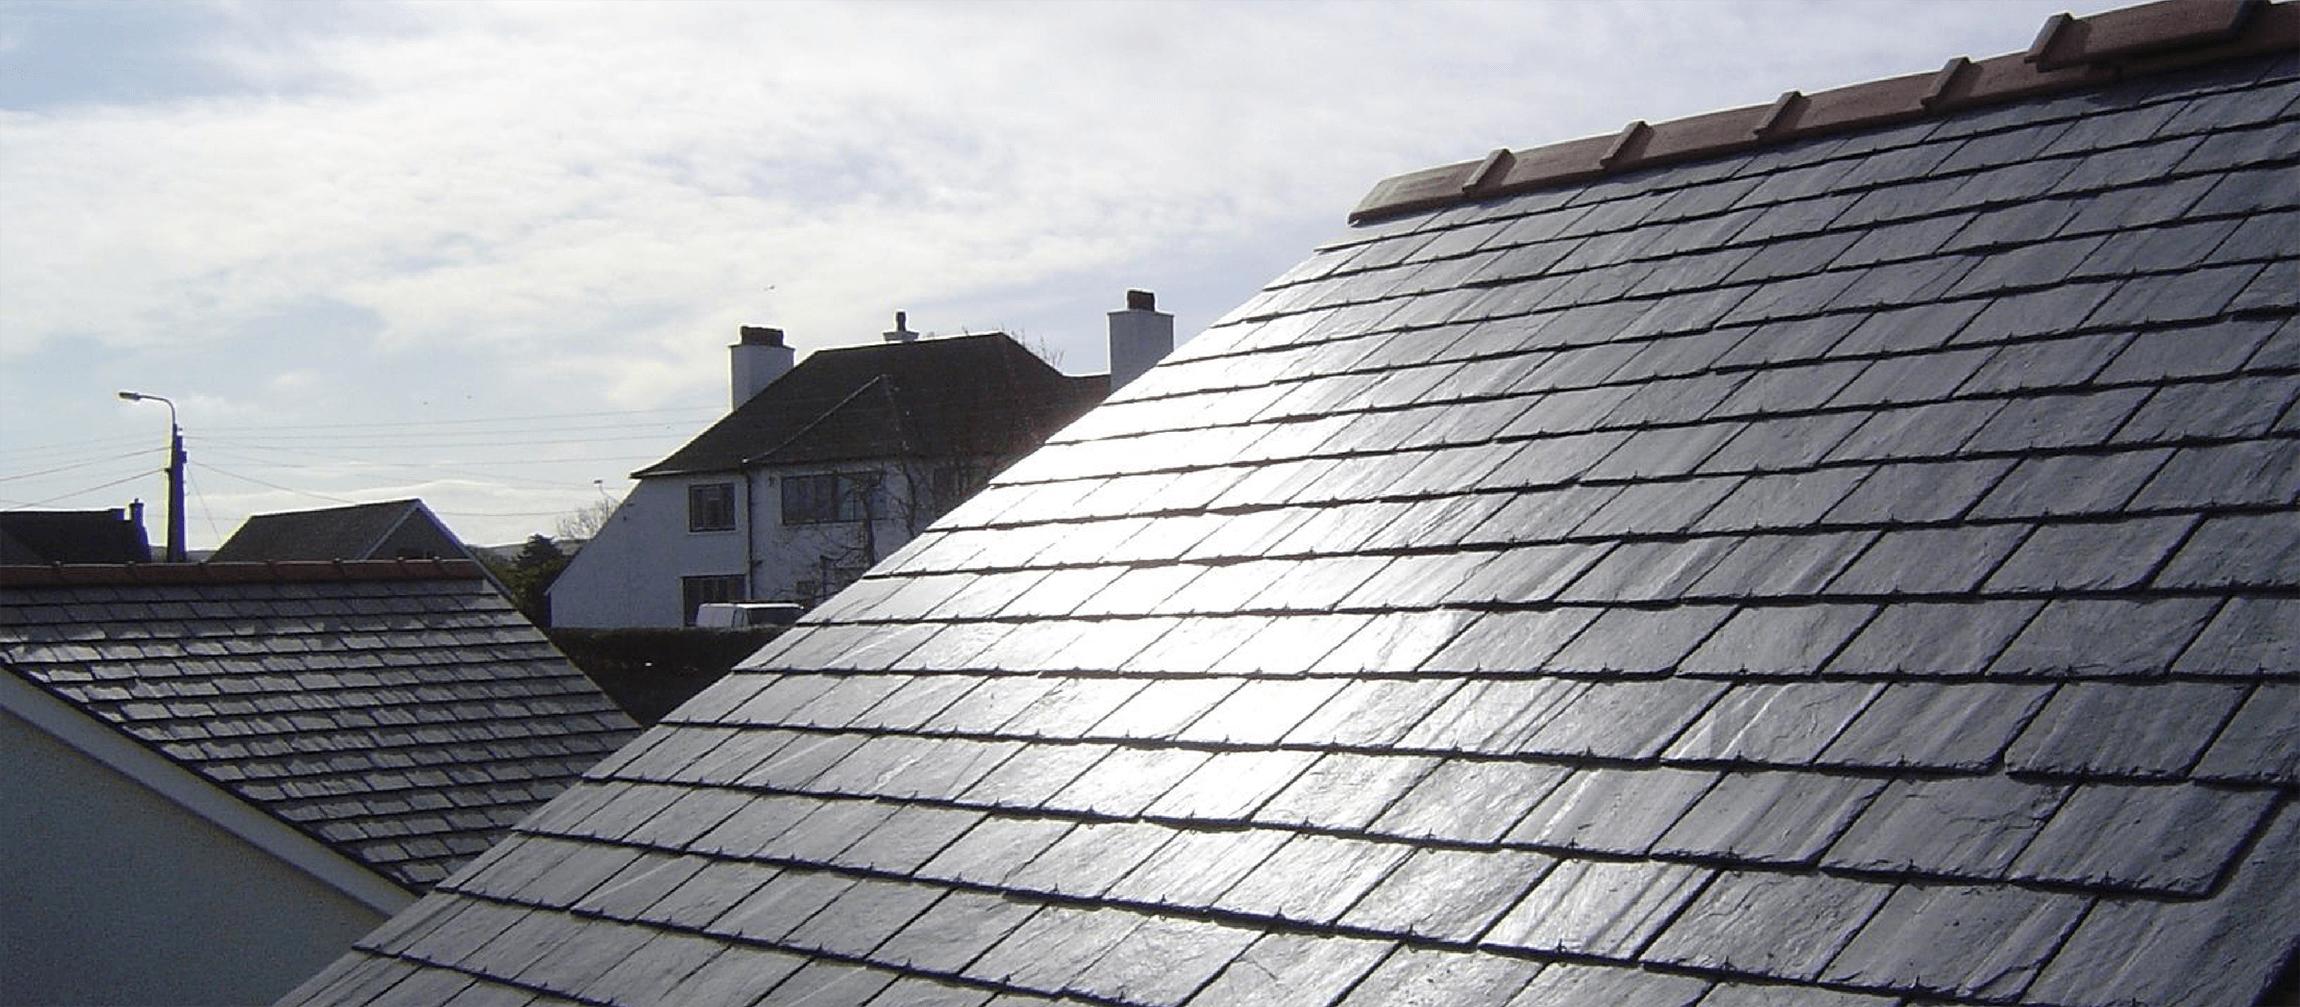 Slate roofs.